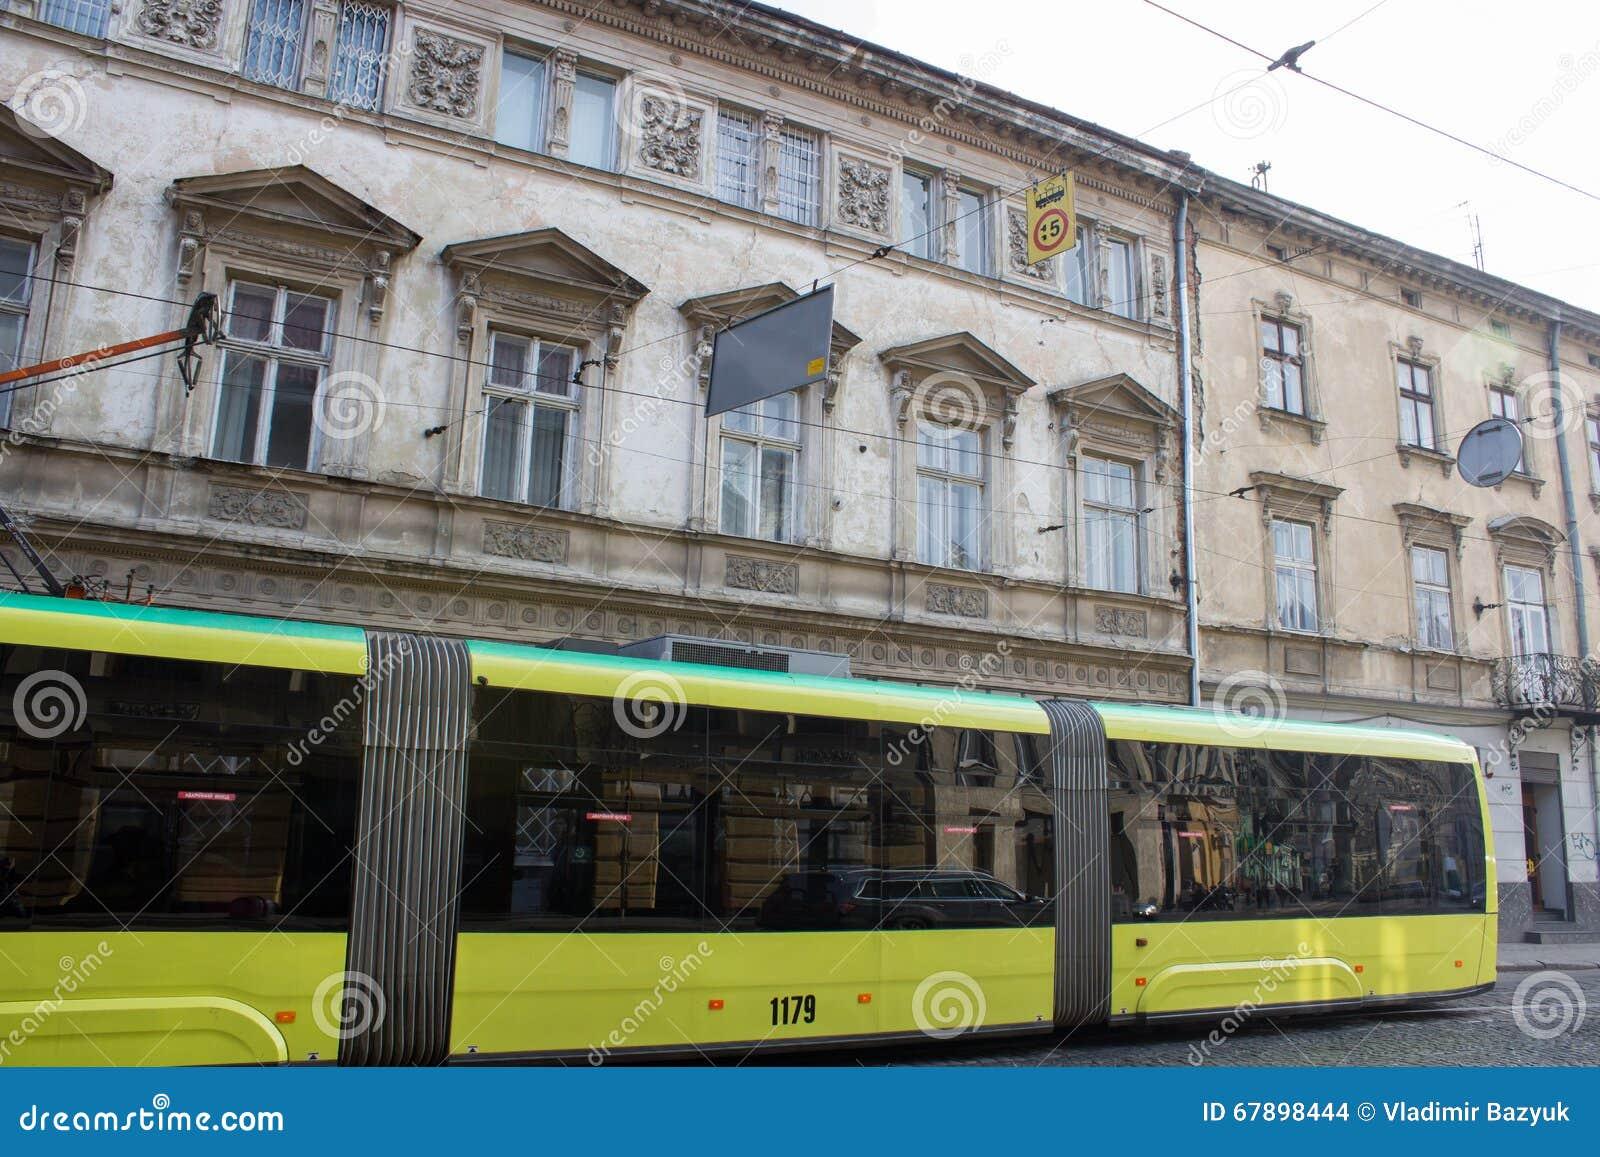 Nowożytny tramwaj w mieście